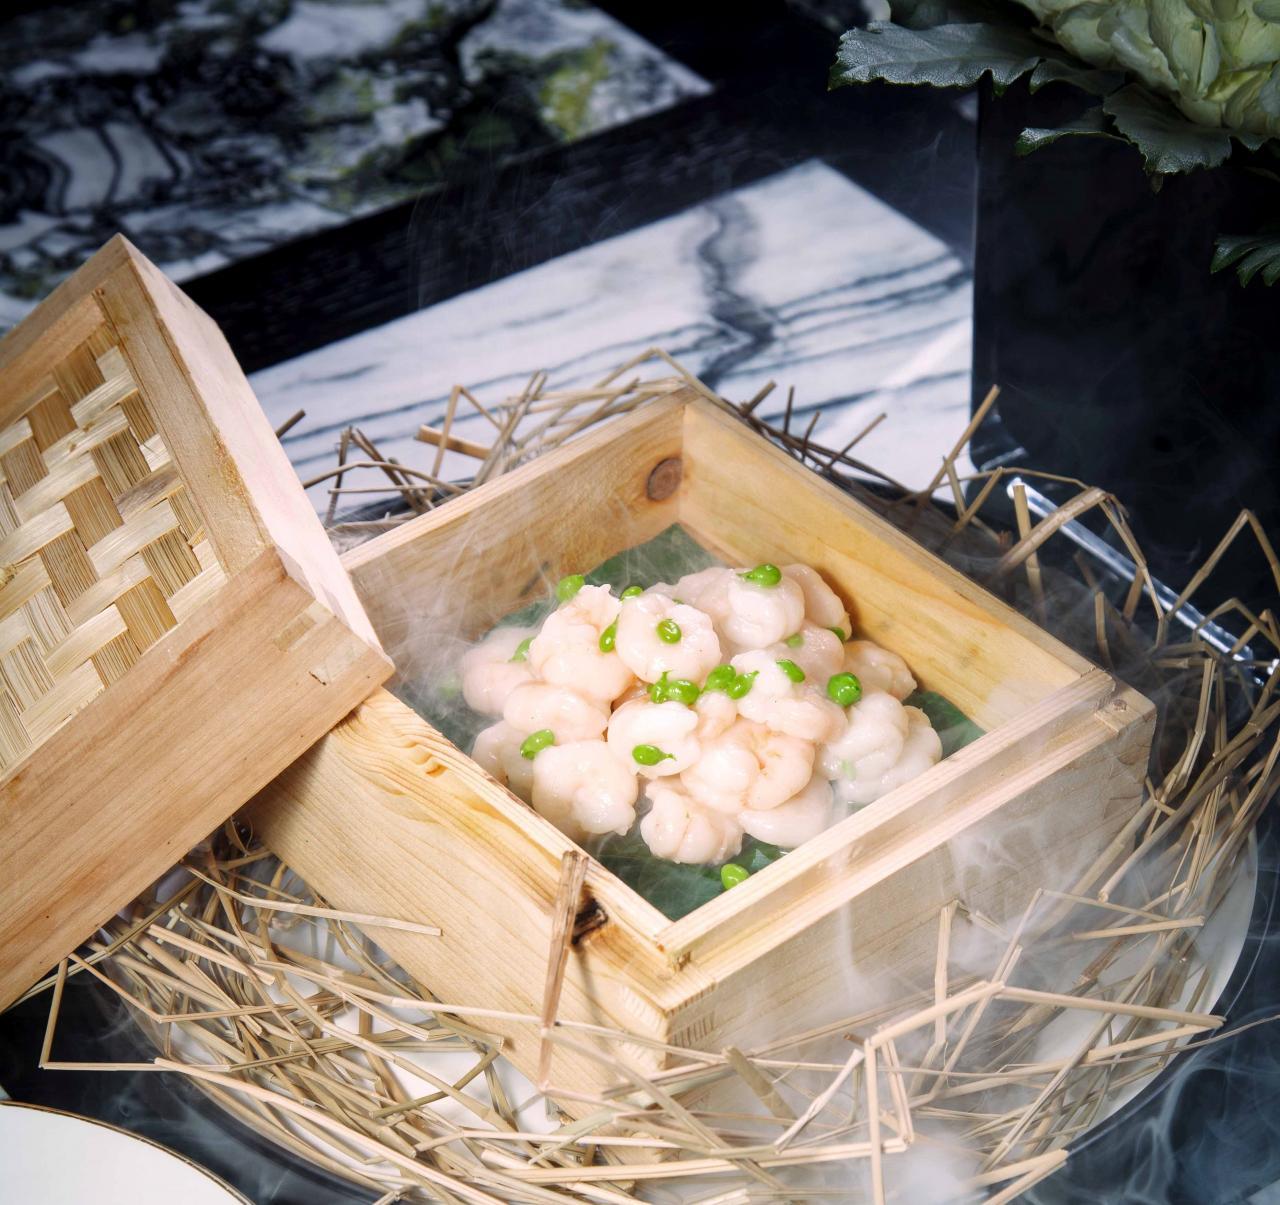 龍井熏河蝦仁:採用西湖旁龍井茶鄉的人手鮮摘茶葉入饌,配以爽口彈牙的河蝦,茶香撲鼻,清新中滲出鮮味。